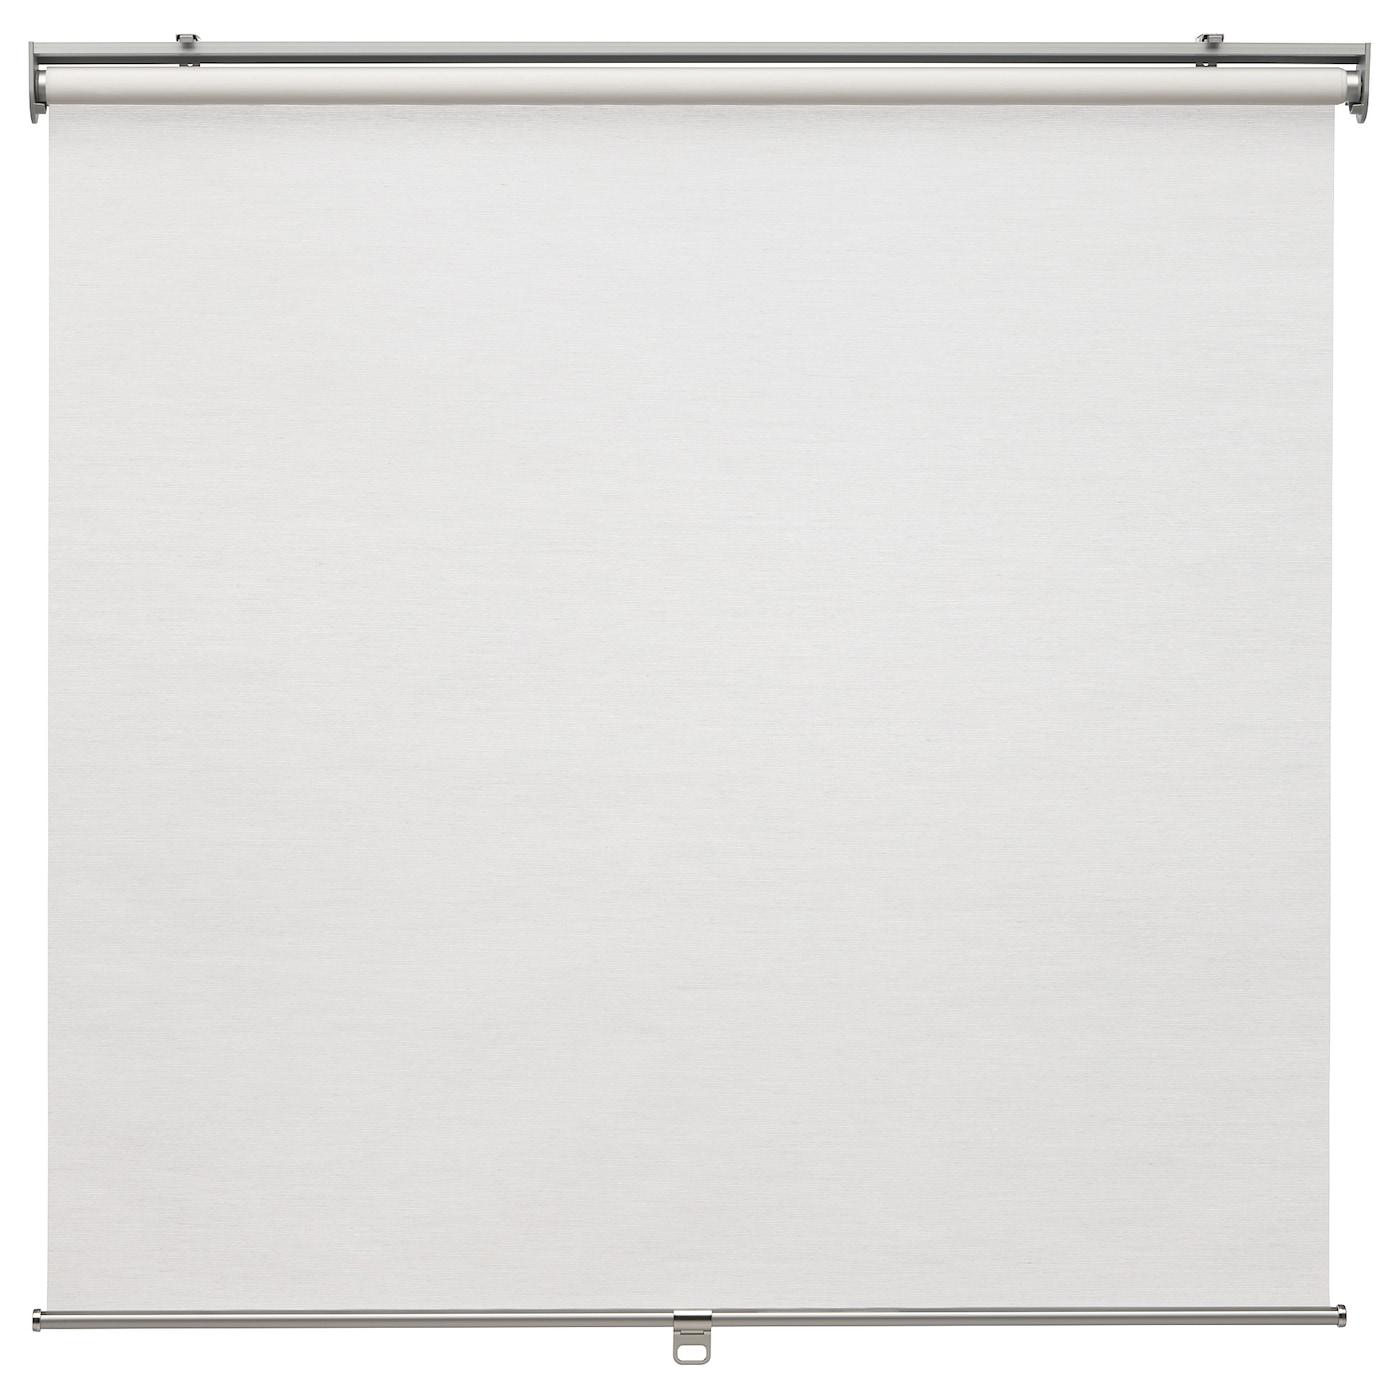 Skogsklöver Roller Blind White 100 X 195 Cm Ikea